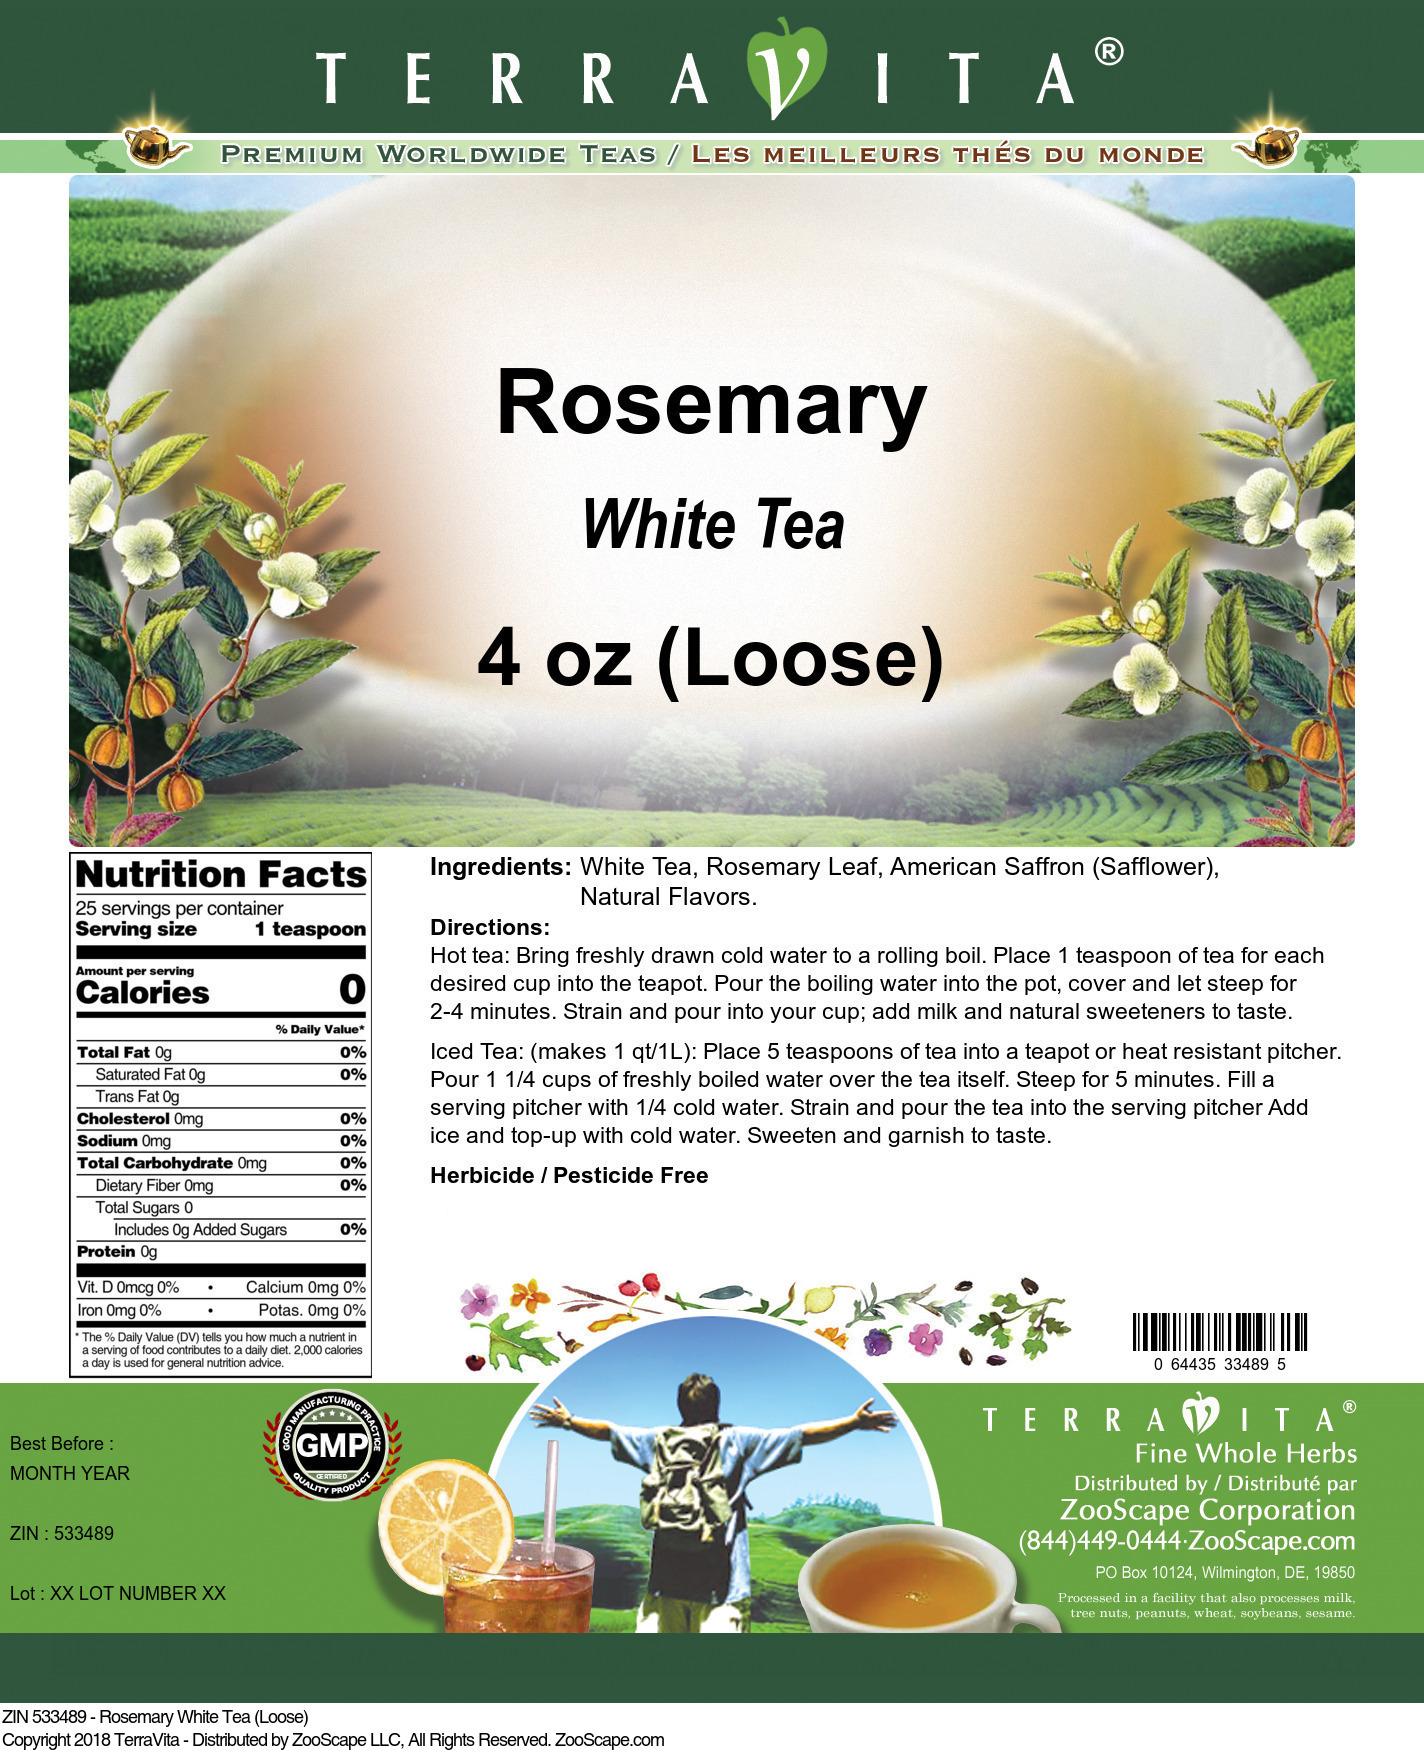 Rosemary White Tea (Loose)